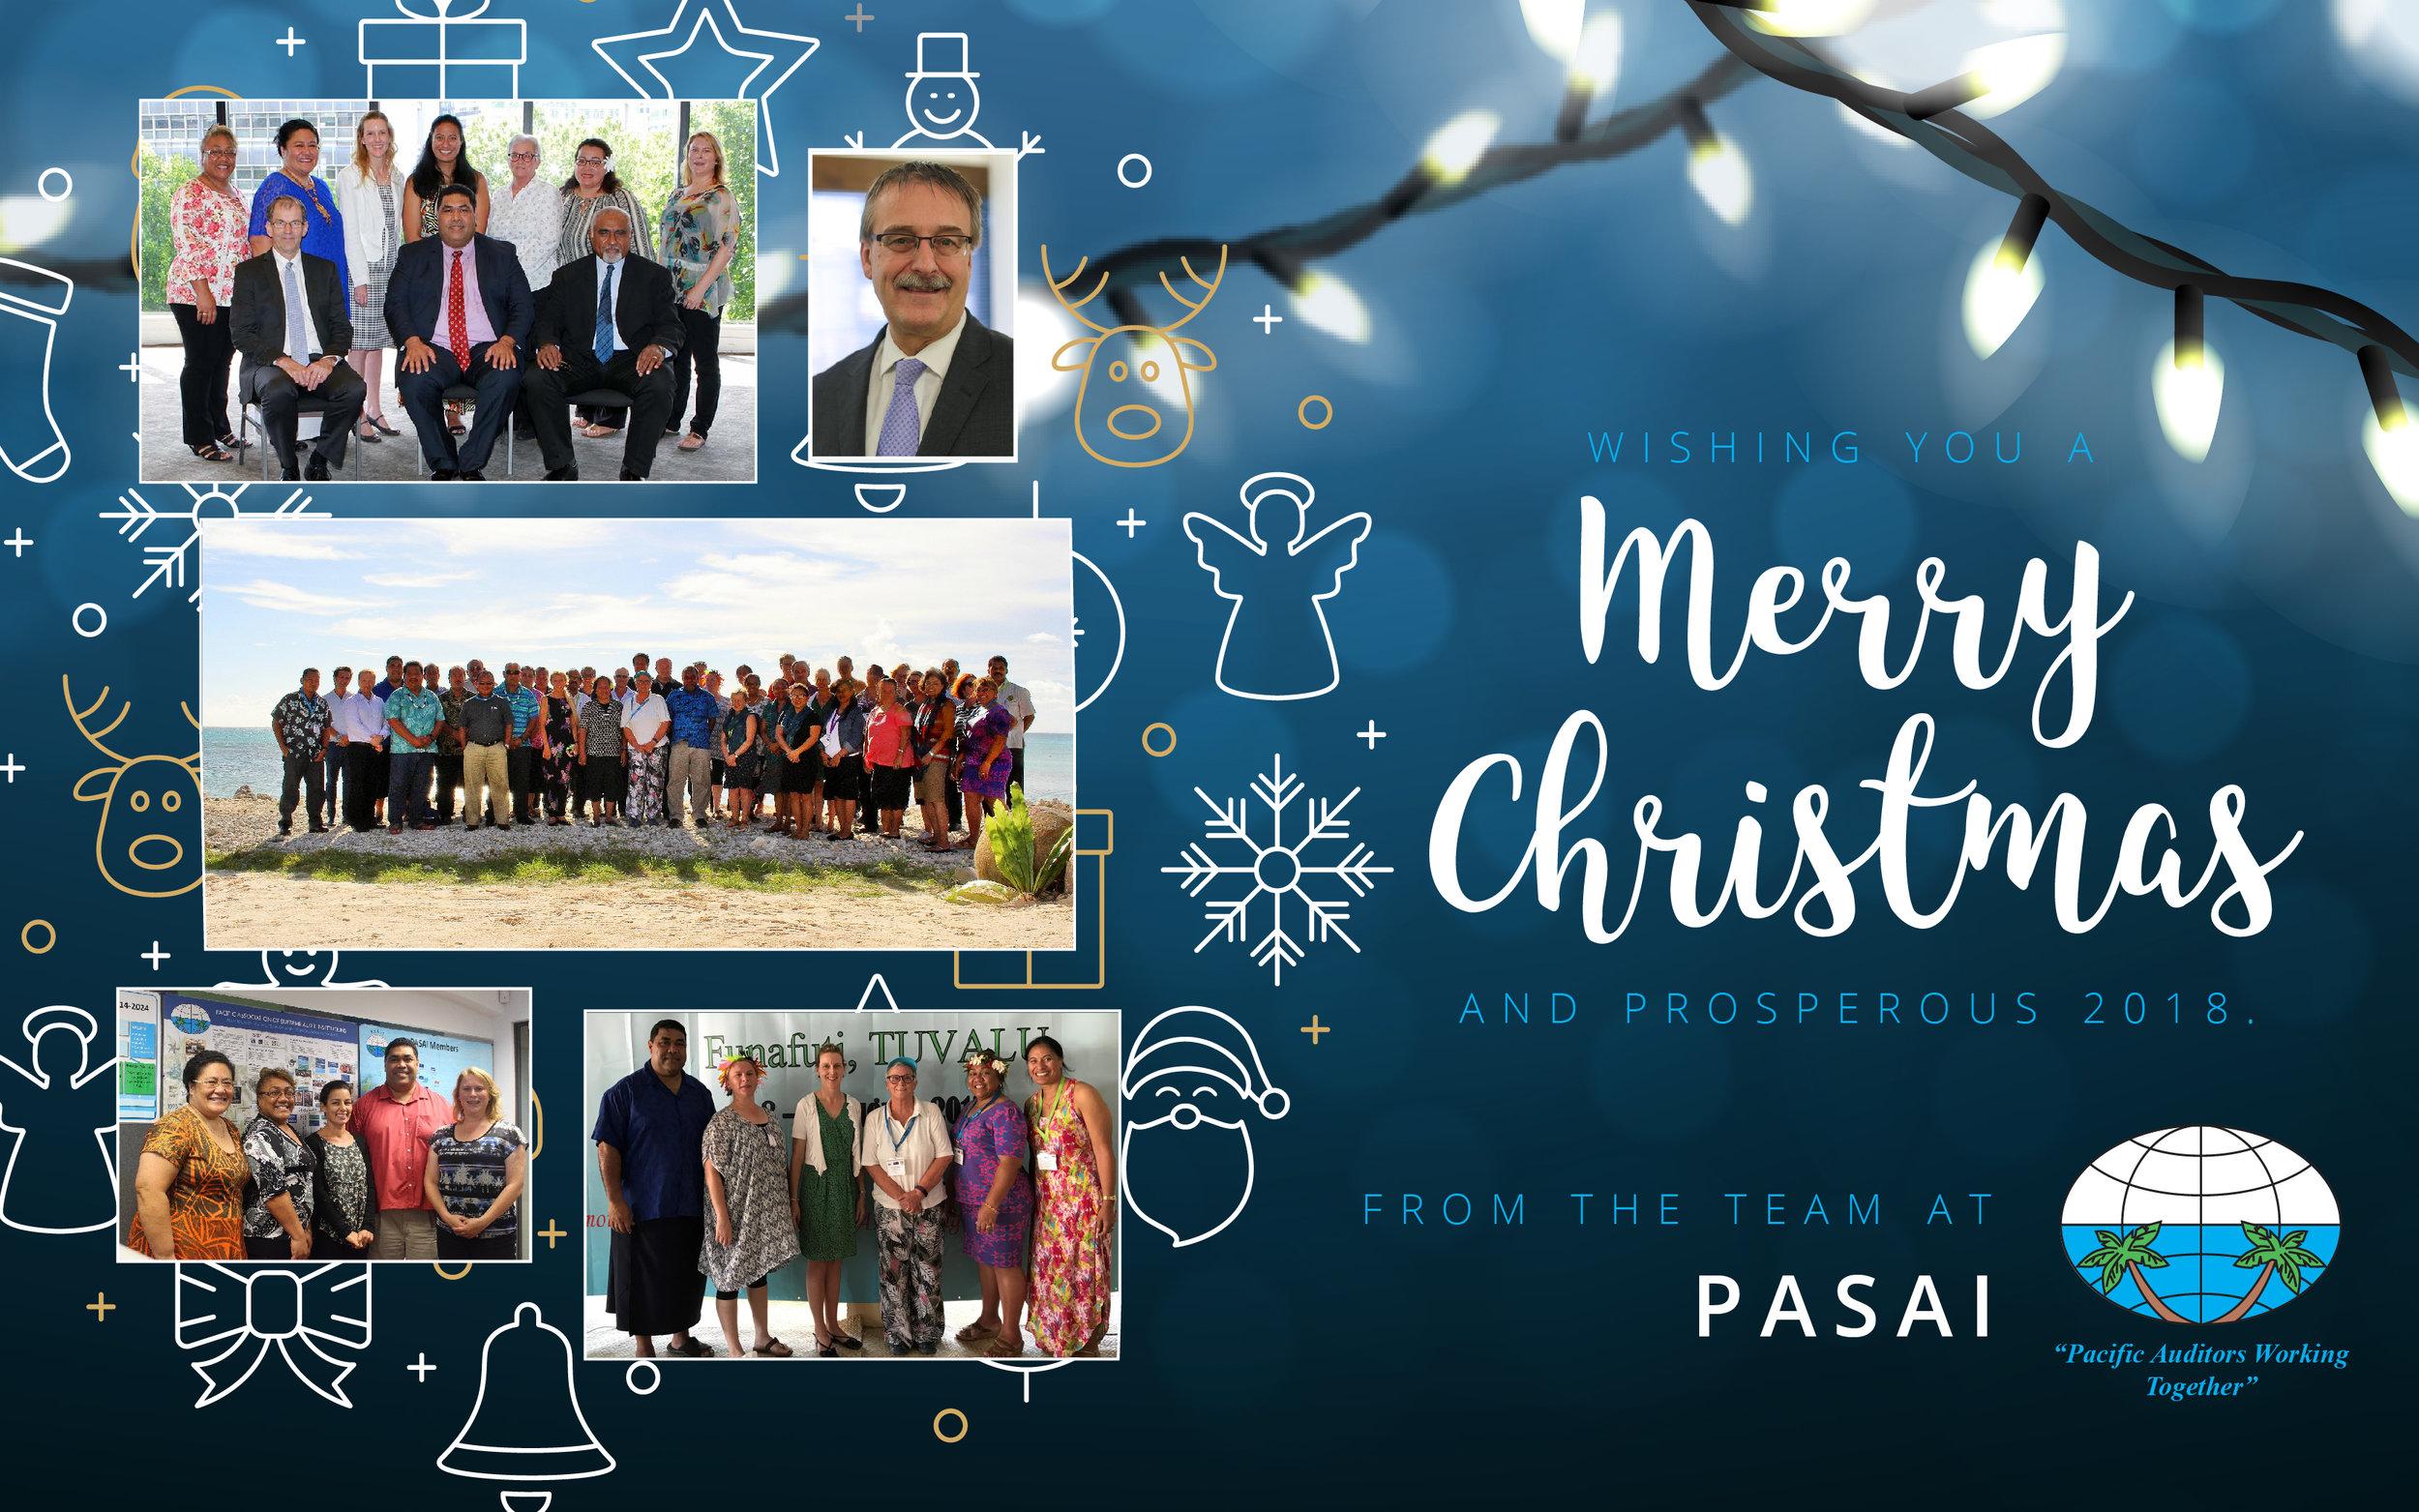 PASAI Christmas Greetings.jpg